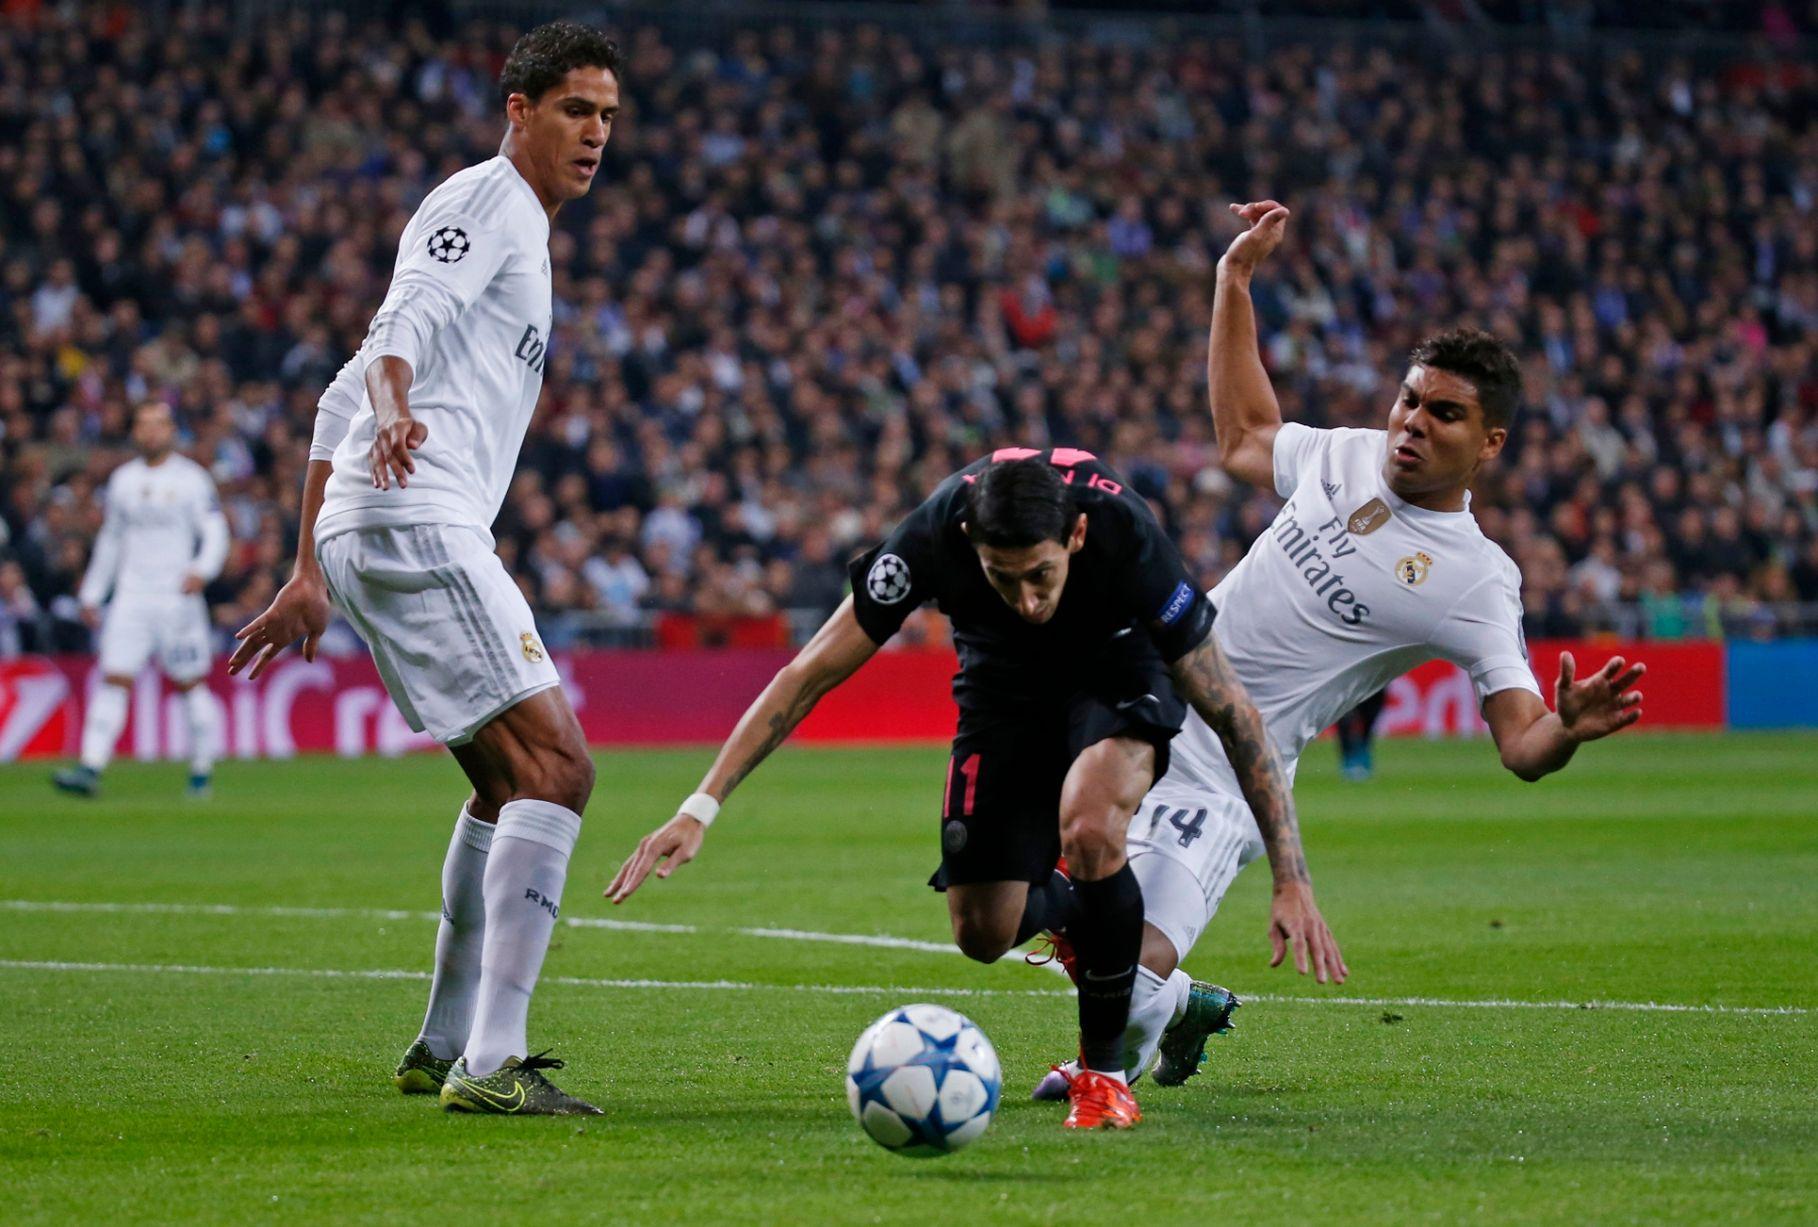 «ПСЖ» — «Реал Мадрид»: ставки, прогнозы и коэффициенты букмекеров на матч 18 сентября 2019 года